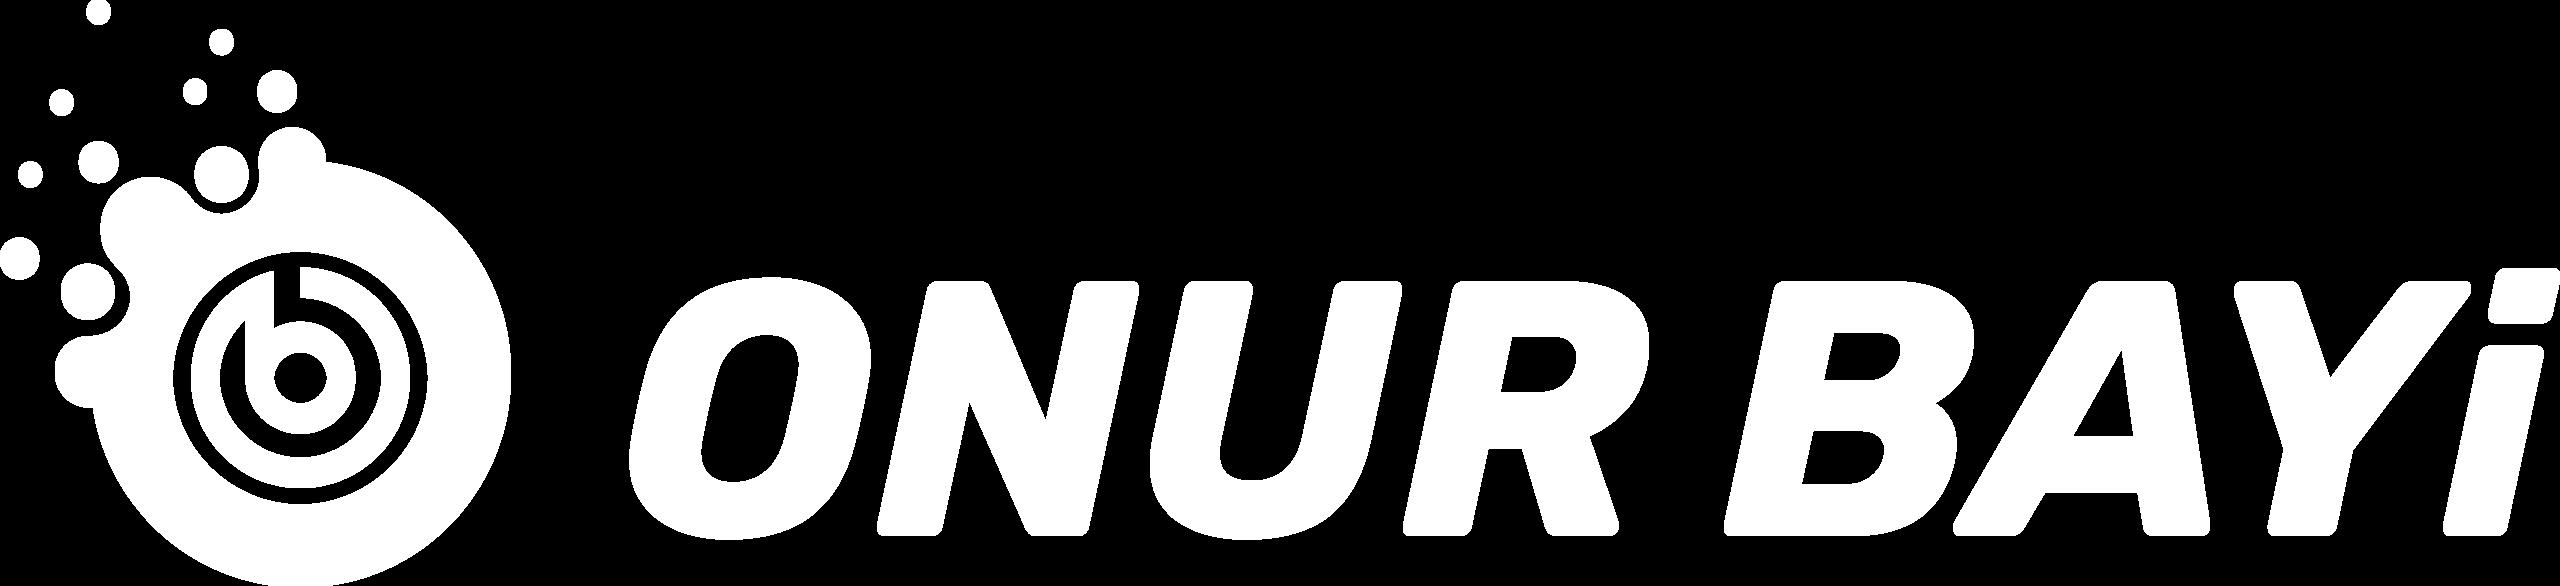 Onurbayi.com Sosyal Medya Hizmetleri